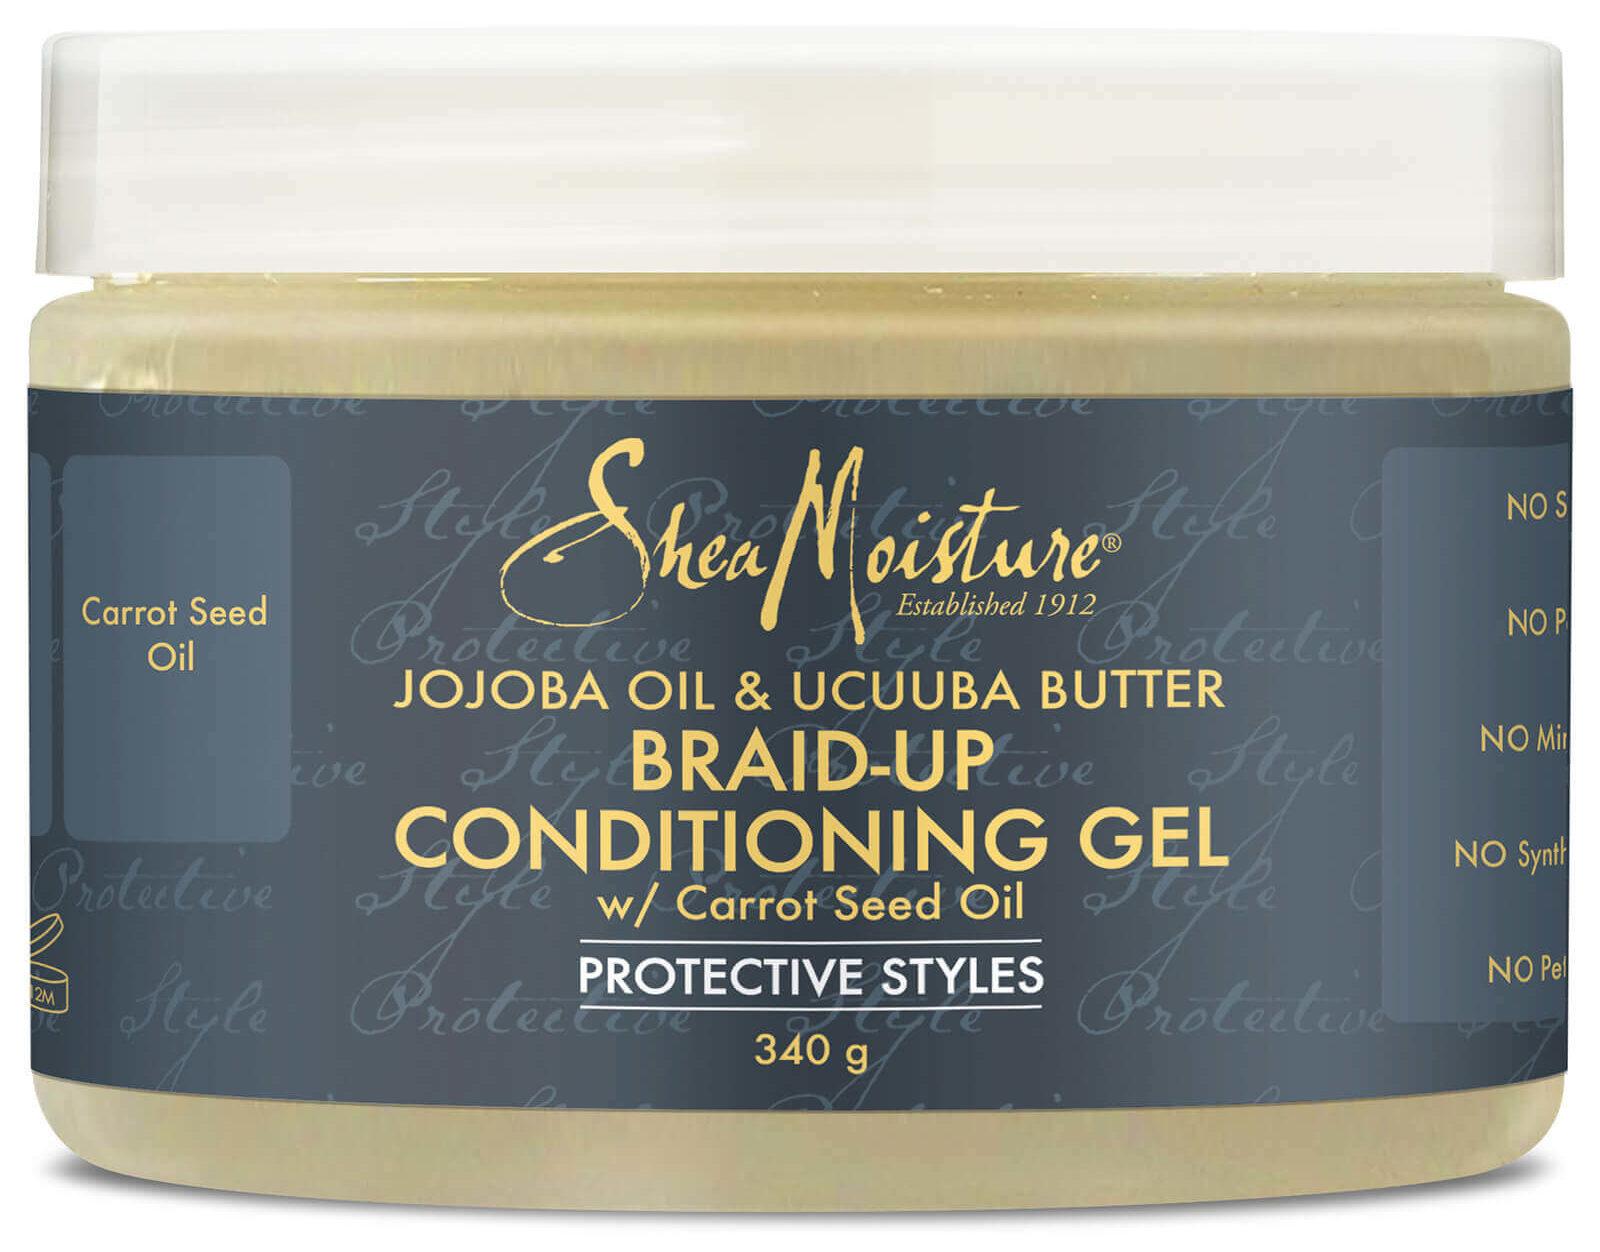 Shea Moisturiser JoJoba Oil and Ucuuba Butter Braid Up Conditioning Gel.